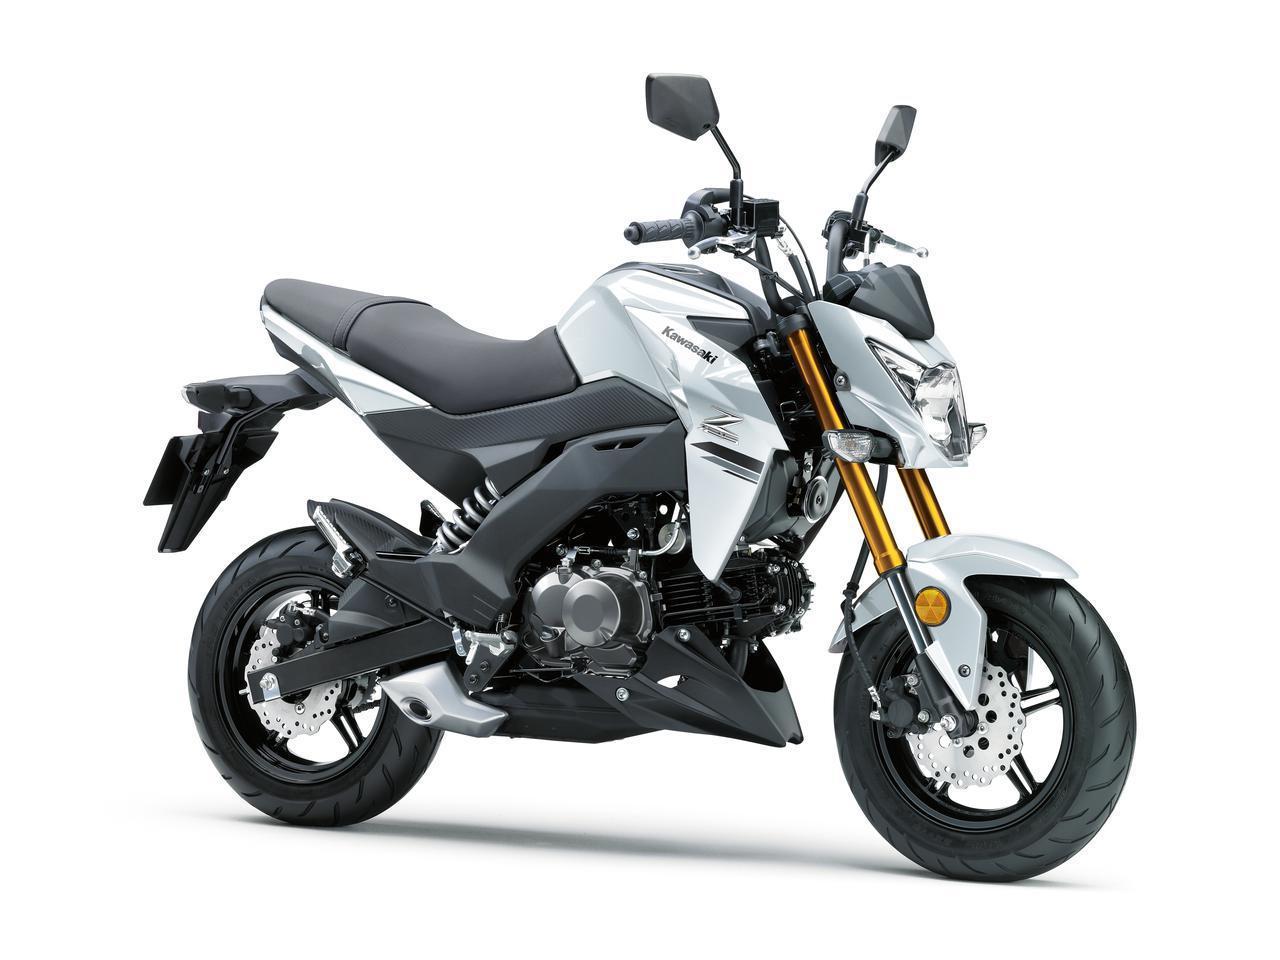 画像6: 2月1日発売!カワサキ「Z125 PRO」原付二種免許で乗れるカワサキのファンバイクに2020年カラーがラインアップ!